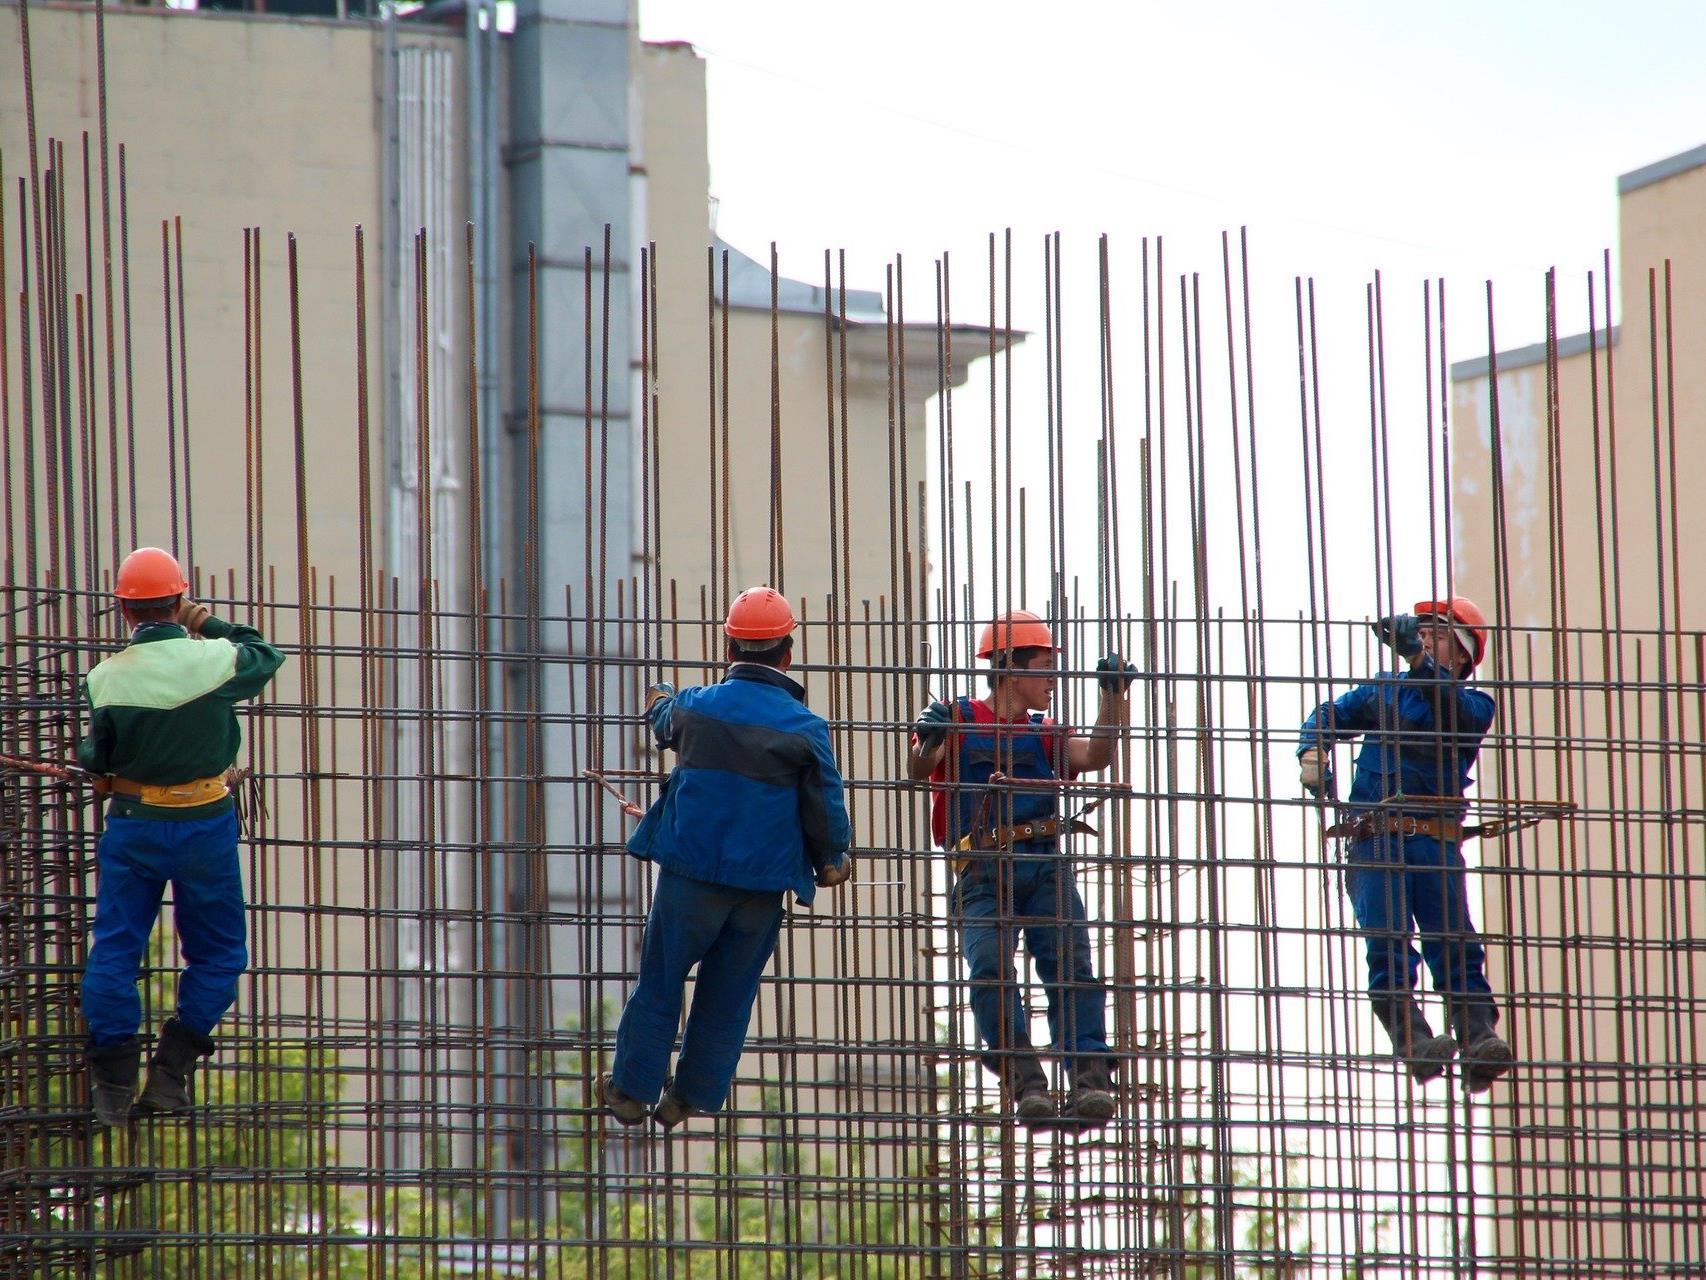 Bereits am Dienstag gab es eine Hausdurchsuchung bei dem Bauunternehmen